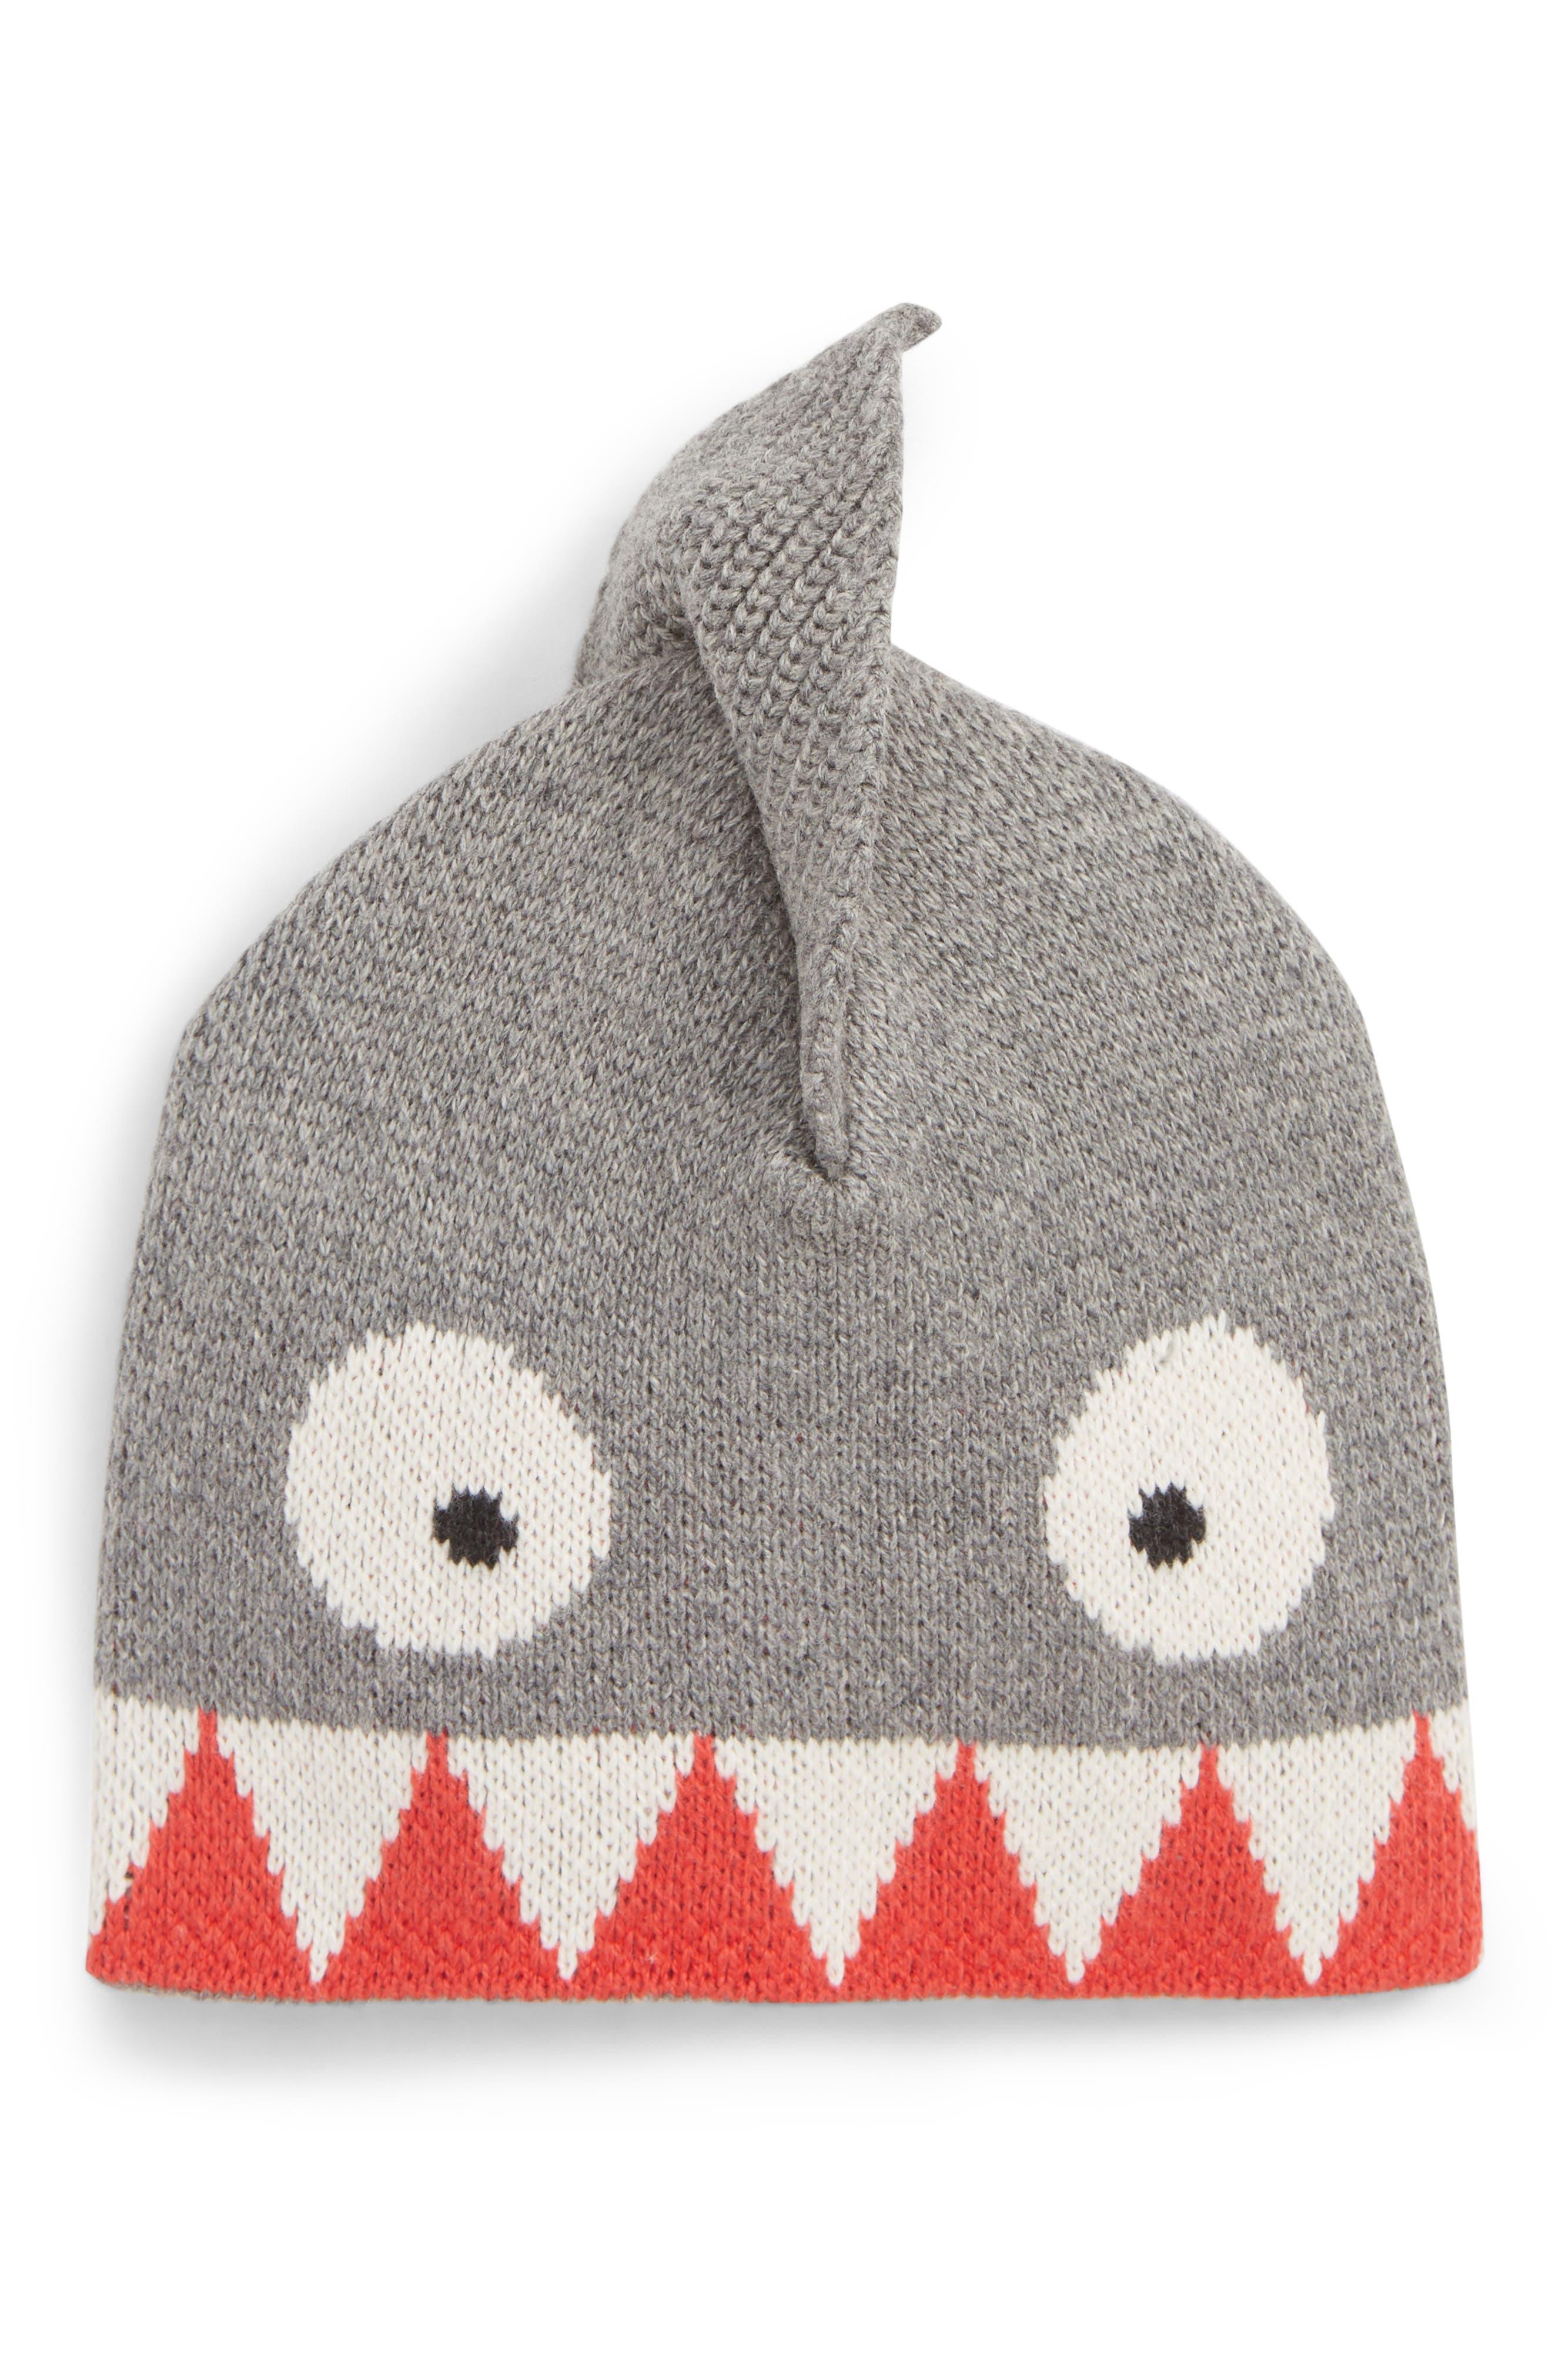 Boys Crewcuts By Jcrew Shark Hat